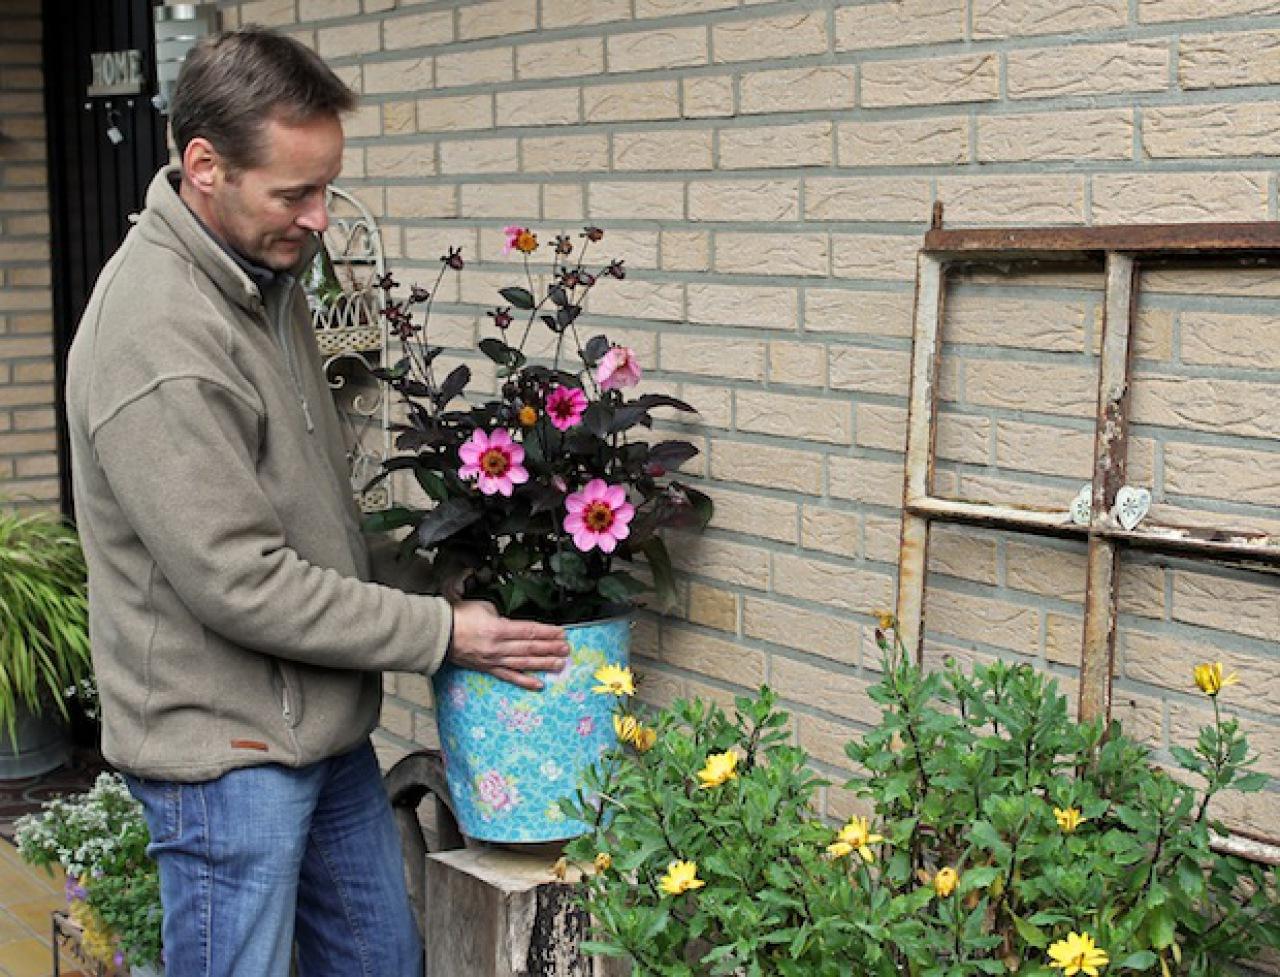 Dahlien Im Topf überwintern : dahlien im topf berwintern nachrichten landleben wochenblatt f r landwirtschaft landleben ~ Orissabook.com Haus und Dekorationen